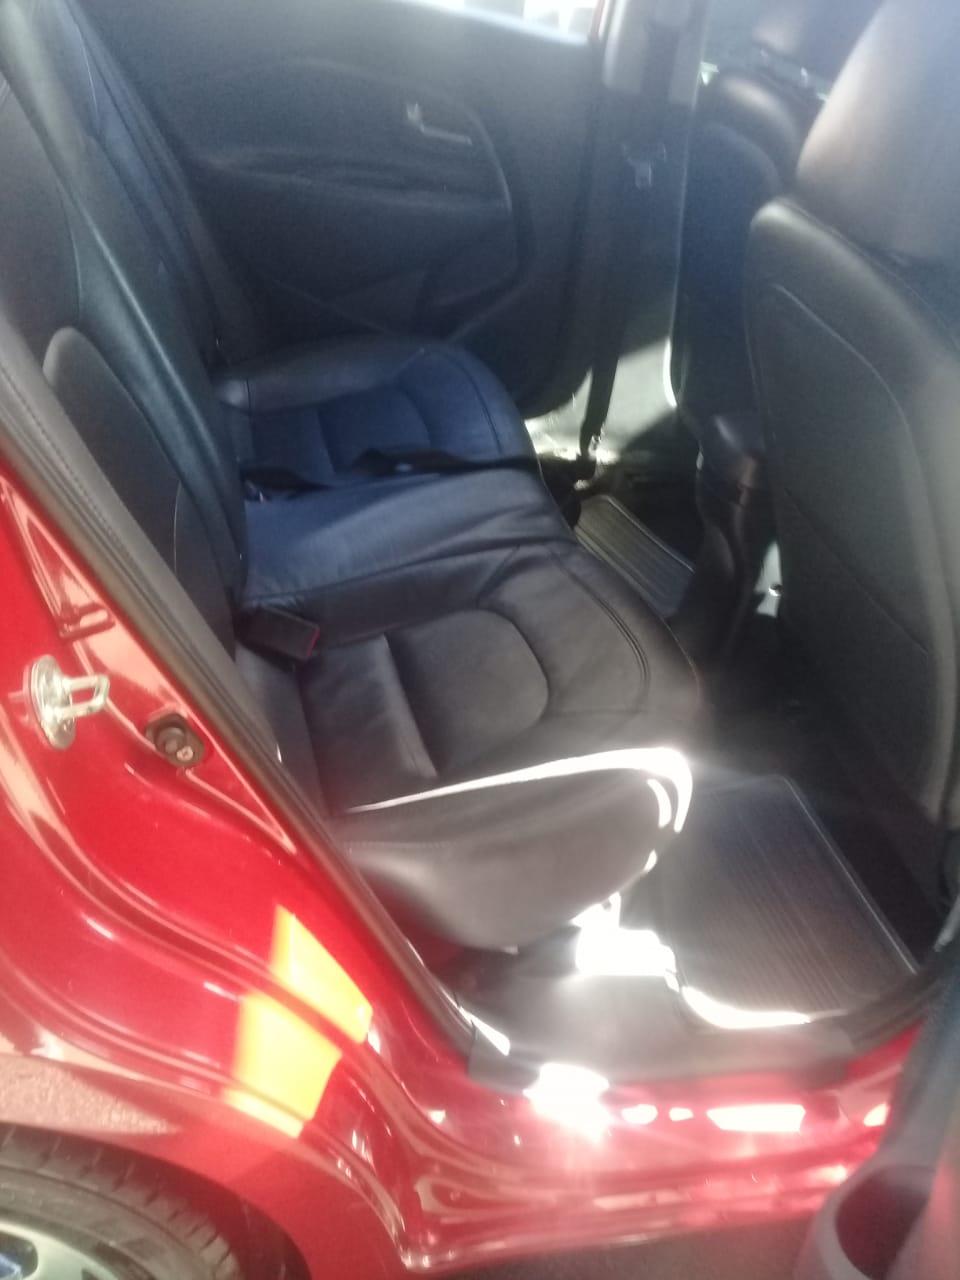 2012 Kia Rio sedan 1.4 Tec